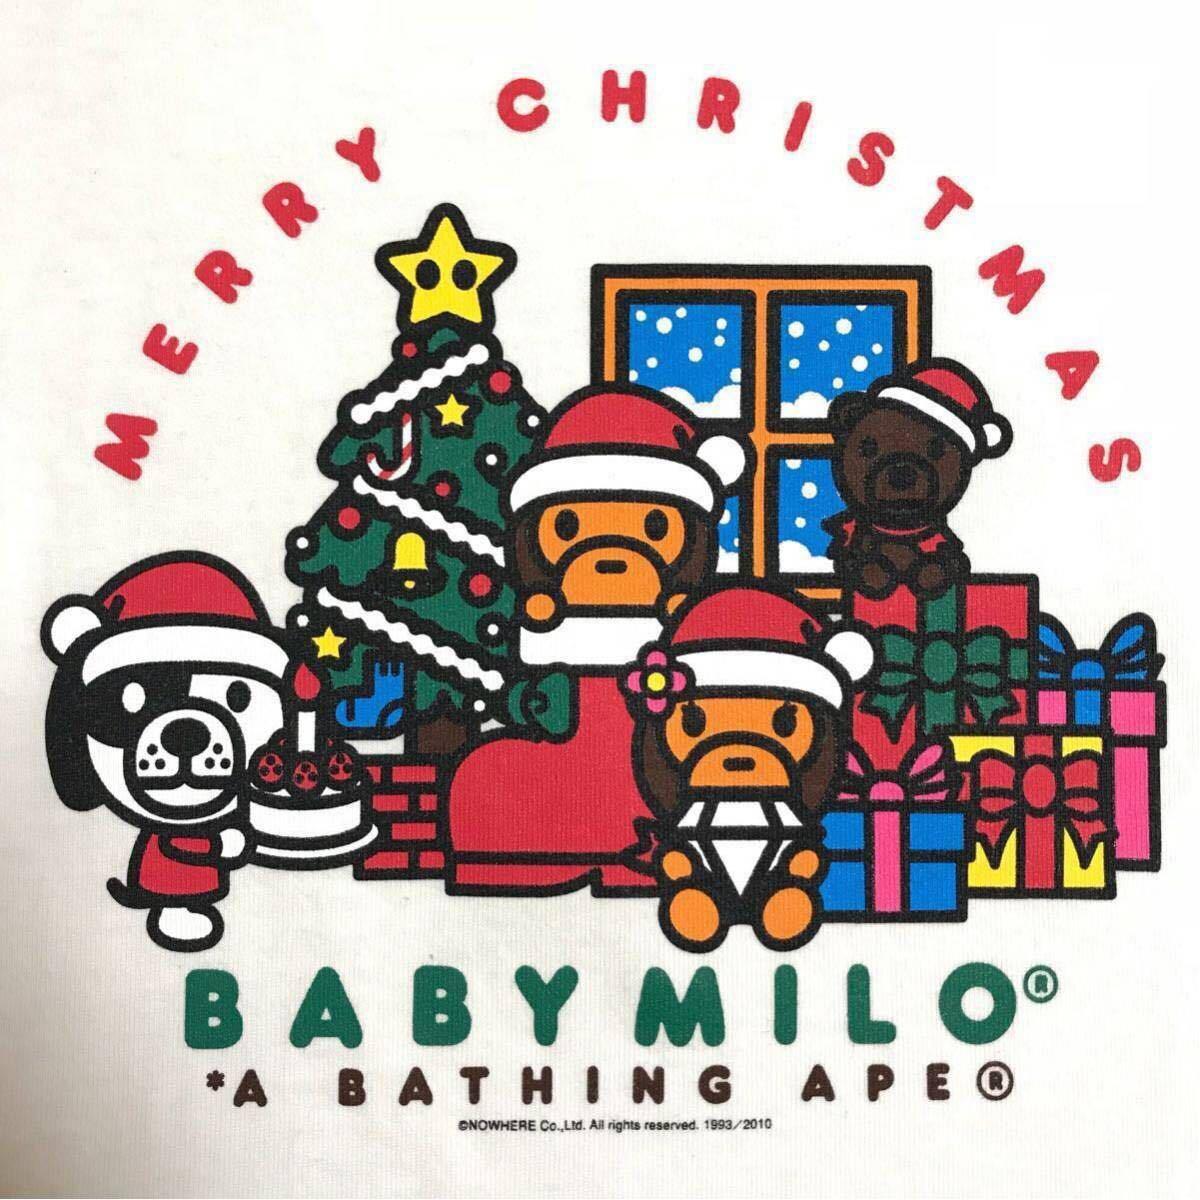 baby milo merry christmas Tシャツ レディース Sサイズ マイロ リサ クリスマス a bathing ape bape エイプ ベイプ アベイシングエイプ